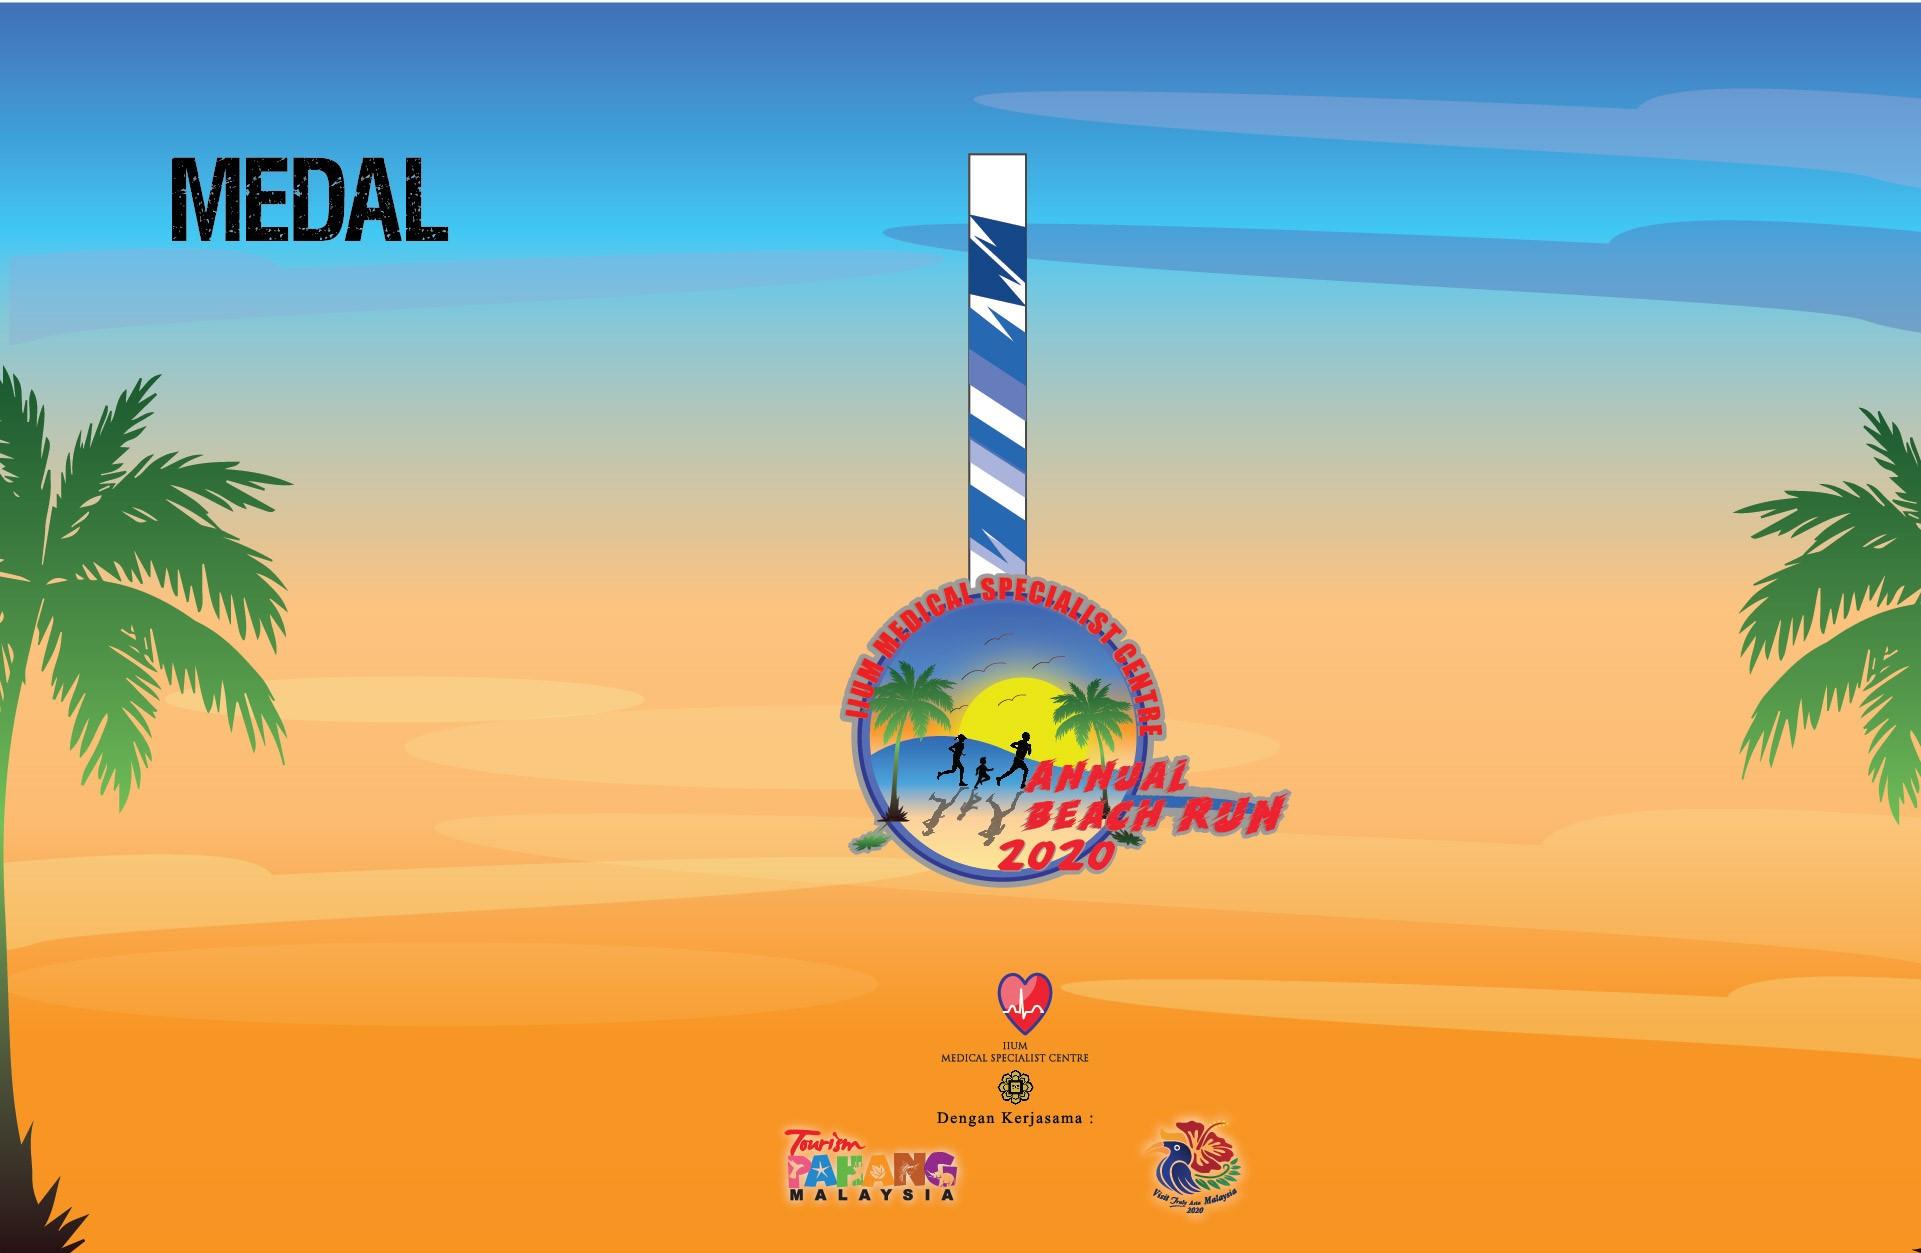 IIUM Medical Specialist Centre Annual Beach Run 2020